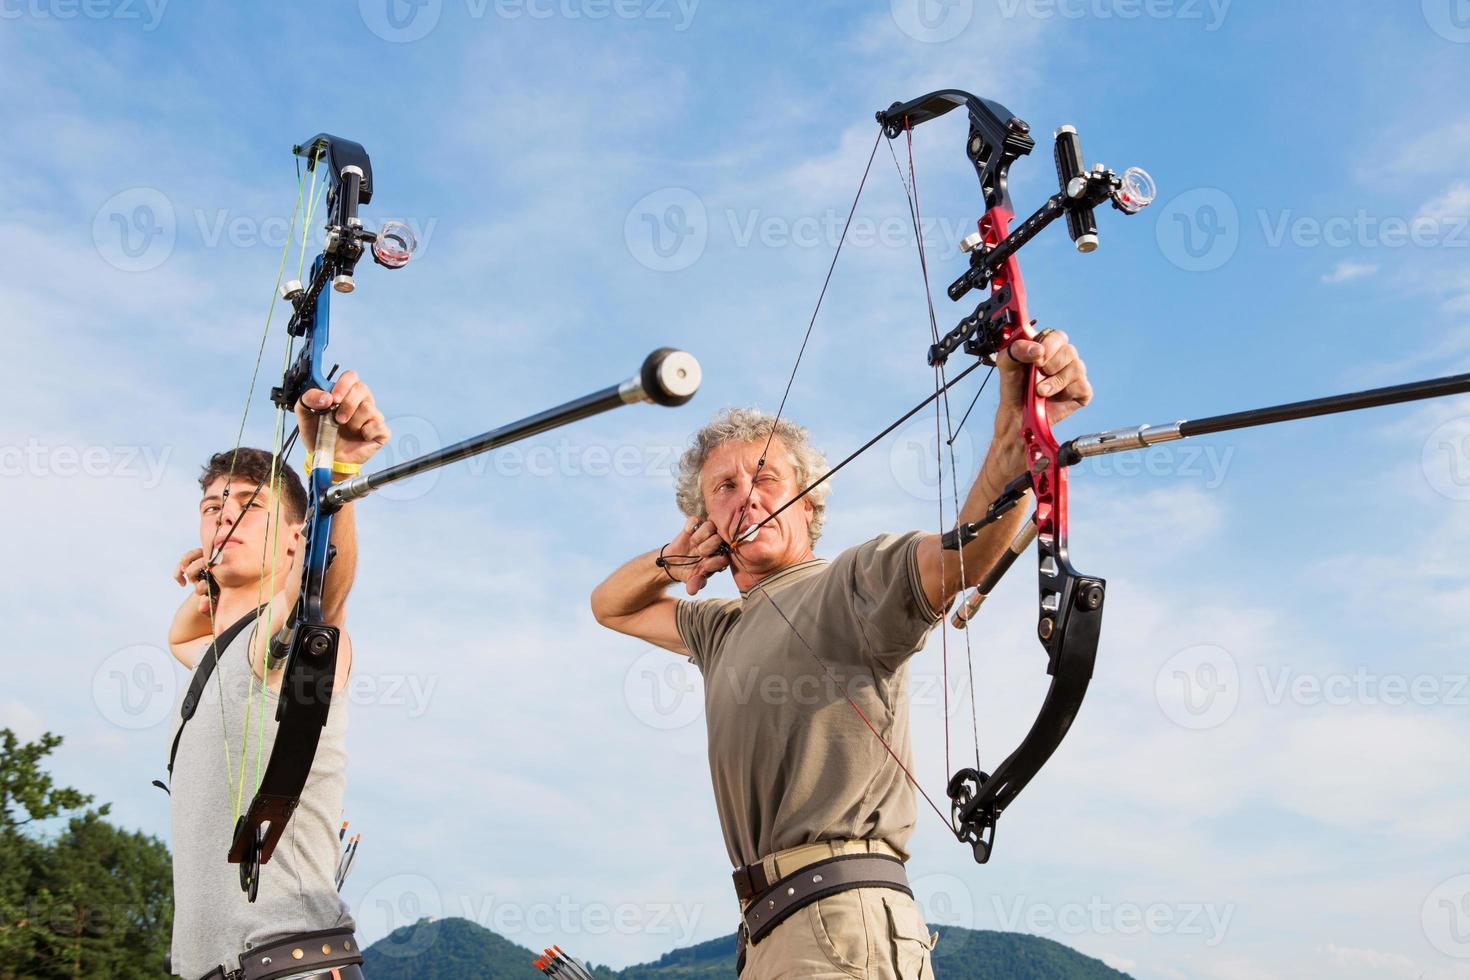 boogschutters ... vader en zoon oefenen schietwedstrijden foto